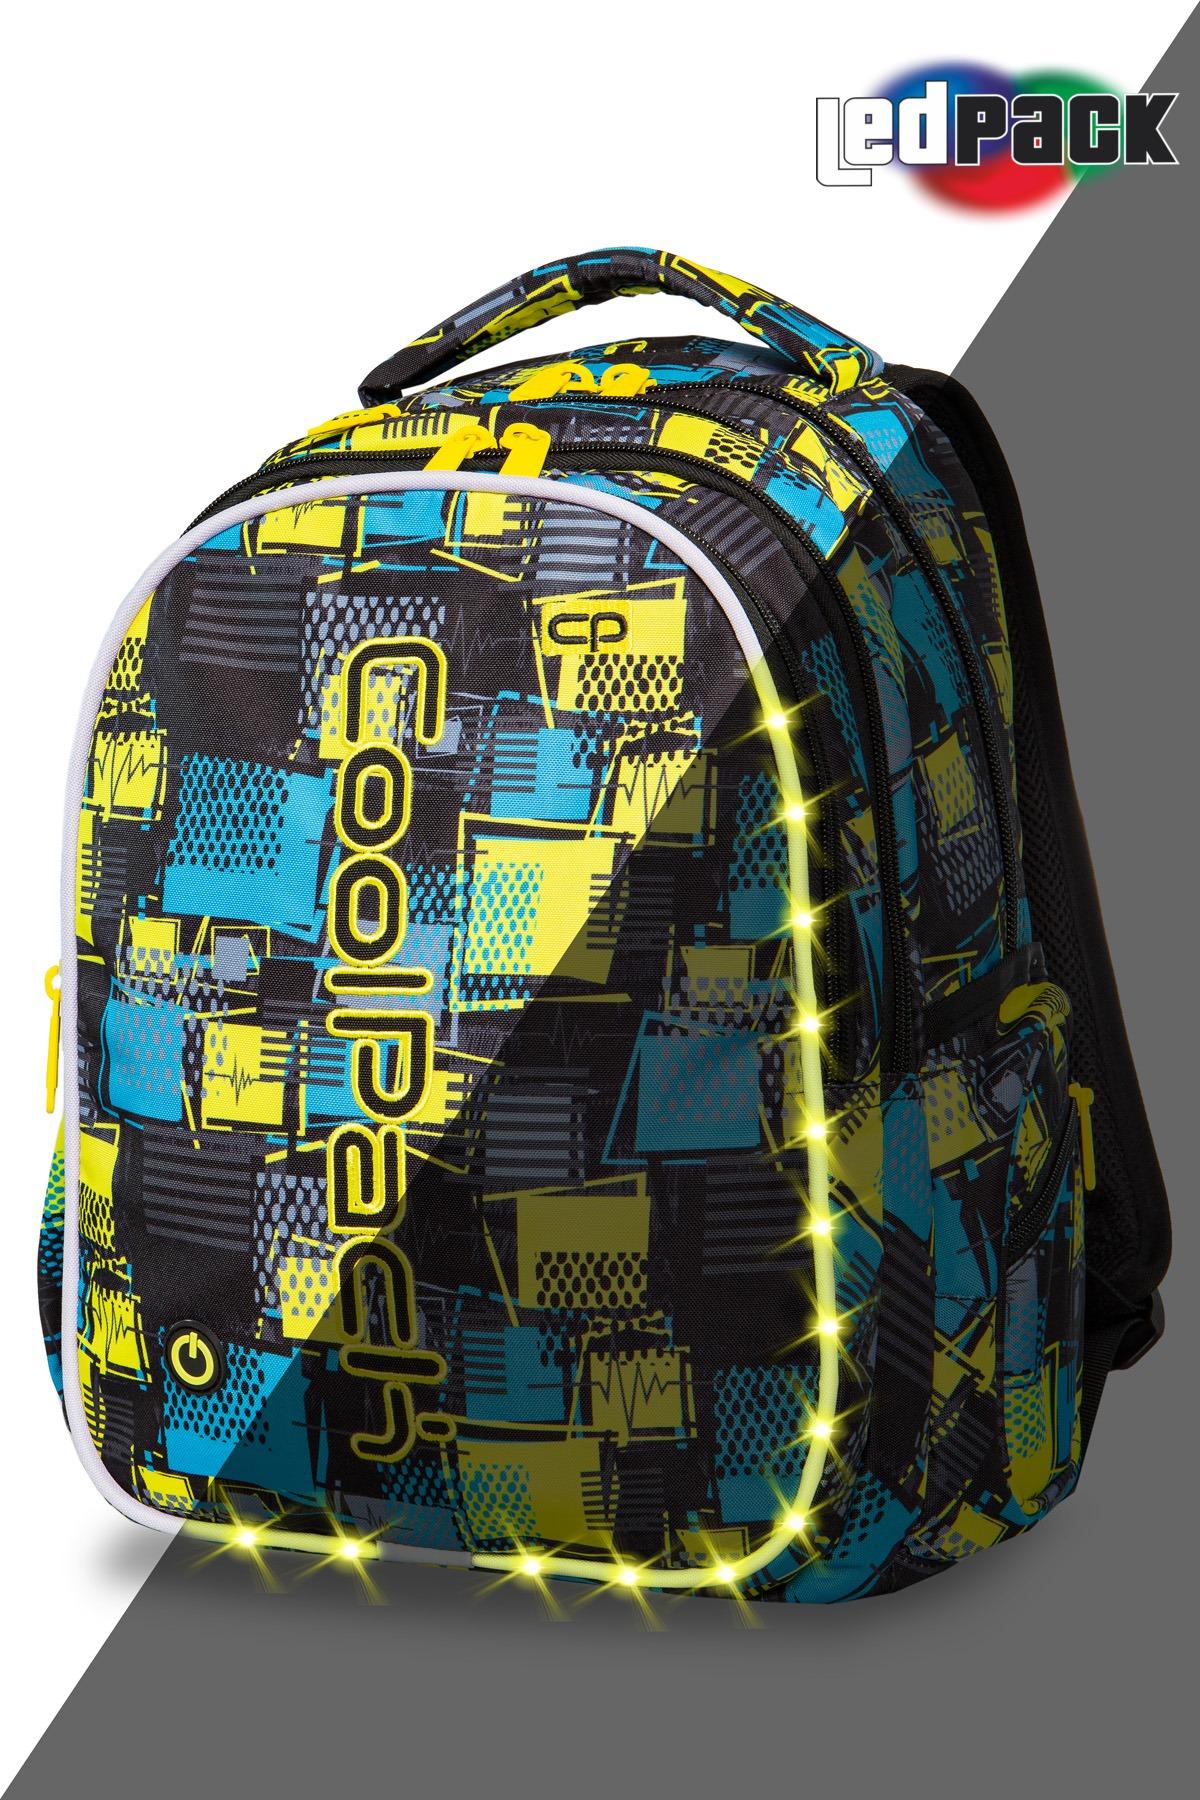 Coolpack   joy l  rygsæk   led squares